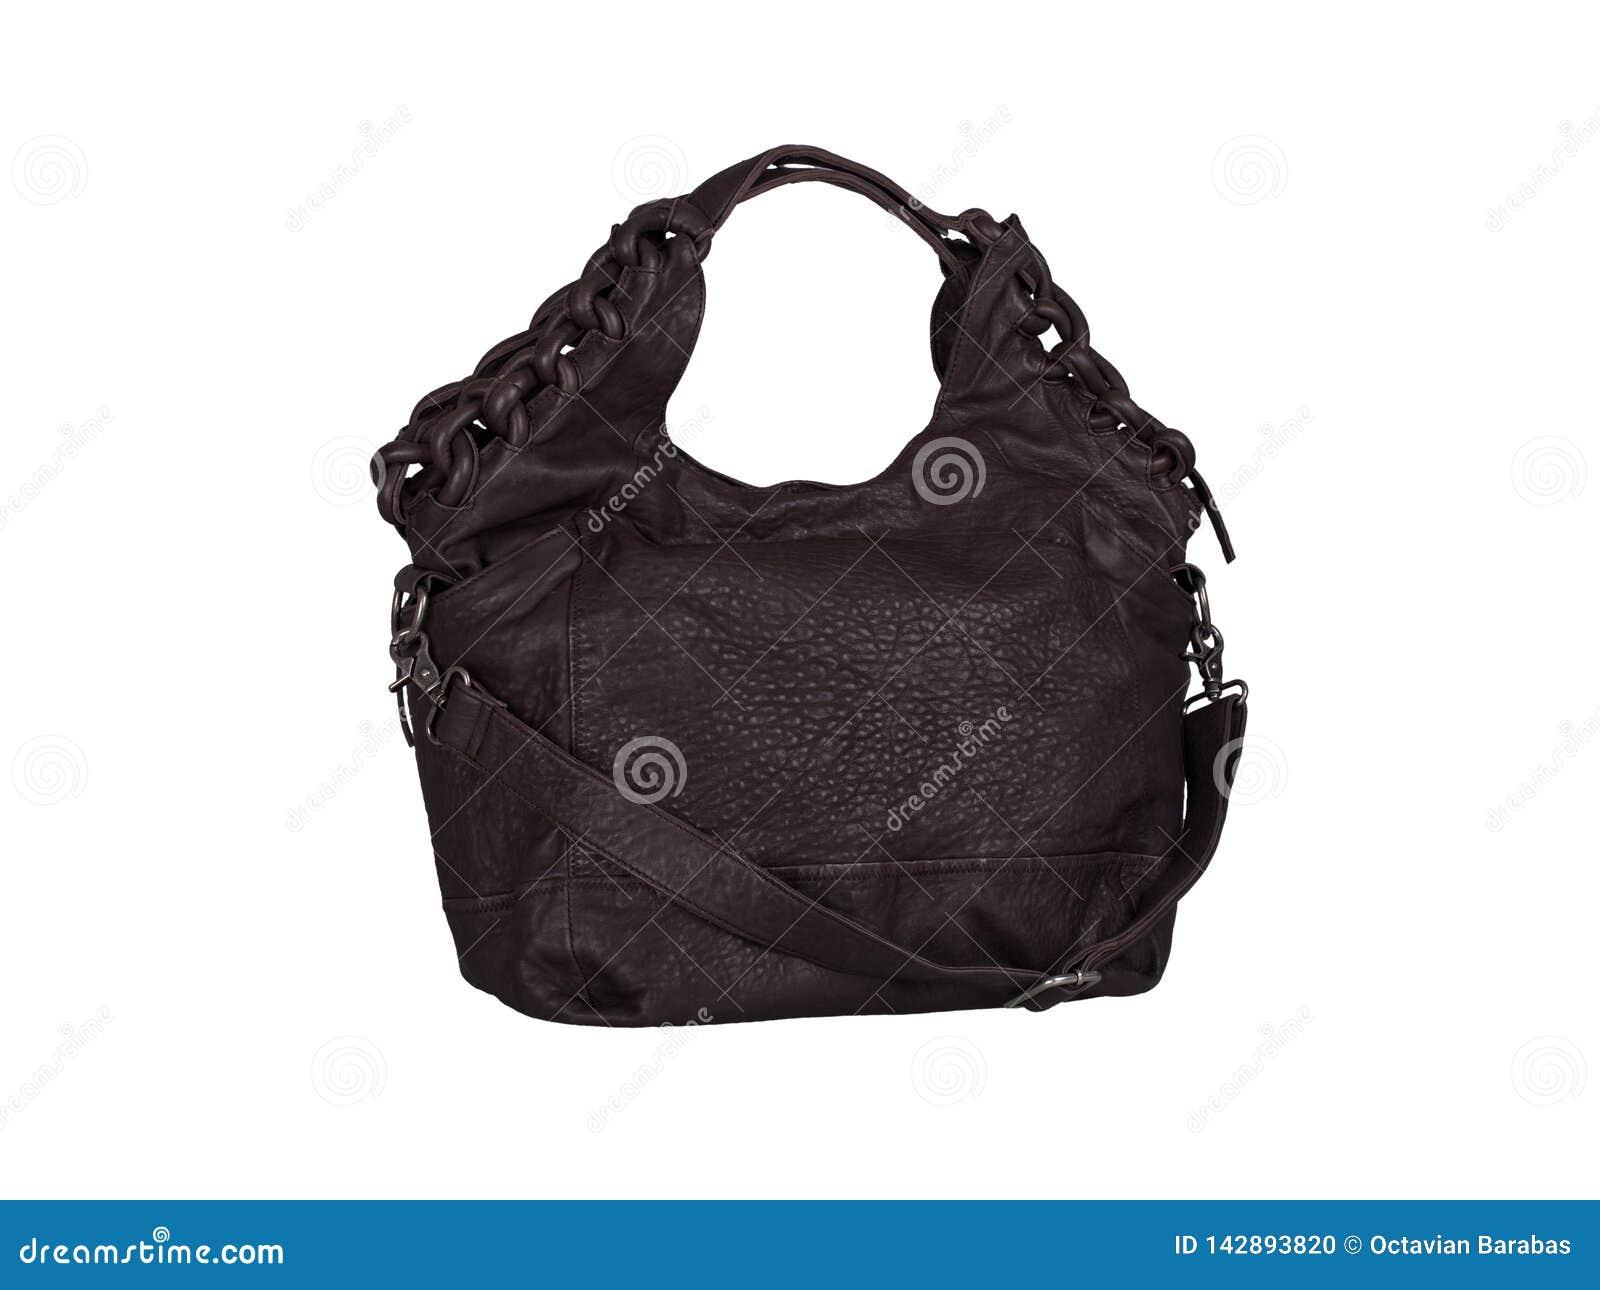 Σκοτεινή καφετιά τσάντα δέρματος σουέτ που απομονώνεται στο άσπρο υπόβαθρο